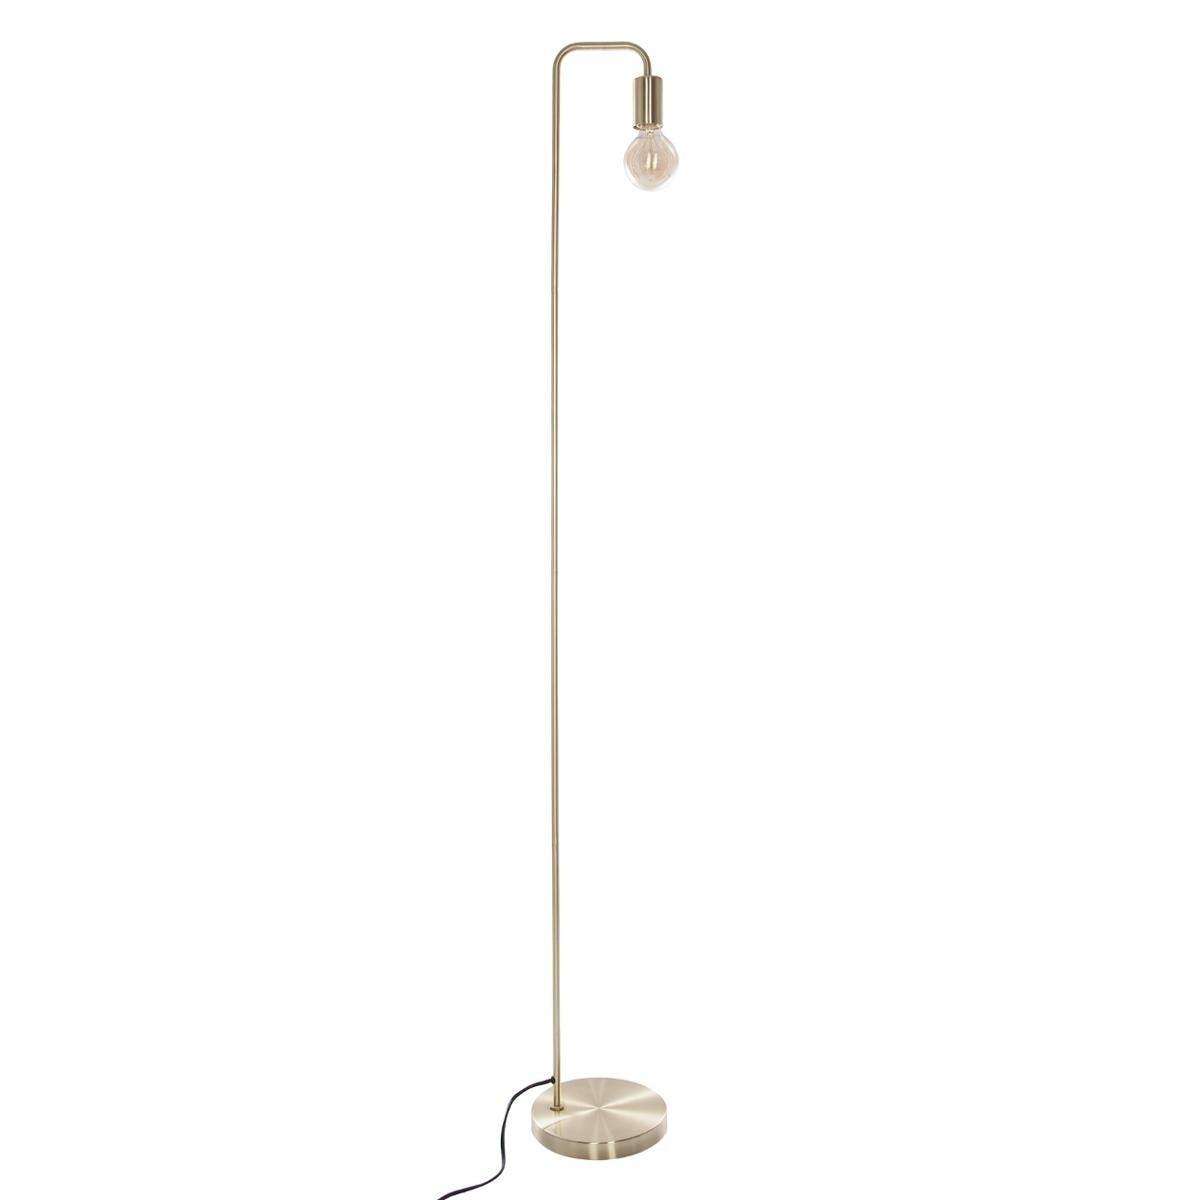 Lampadaire en métal couleur dorée H150xD20cm